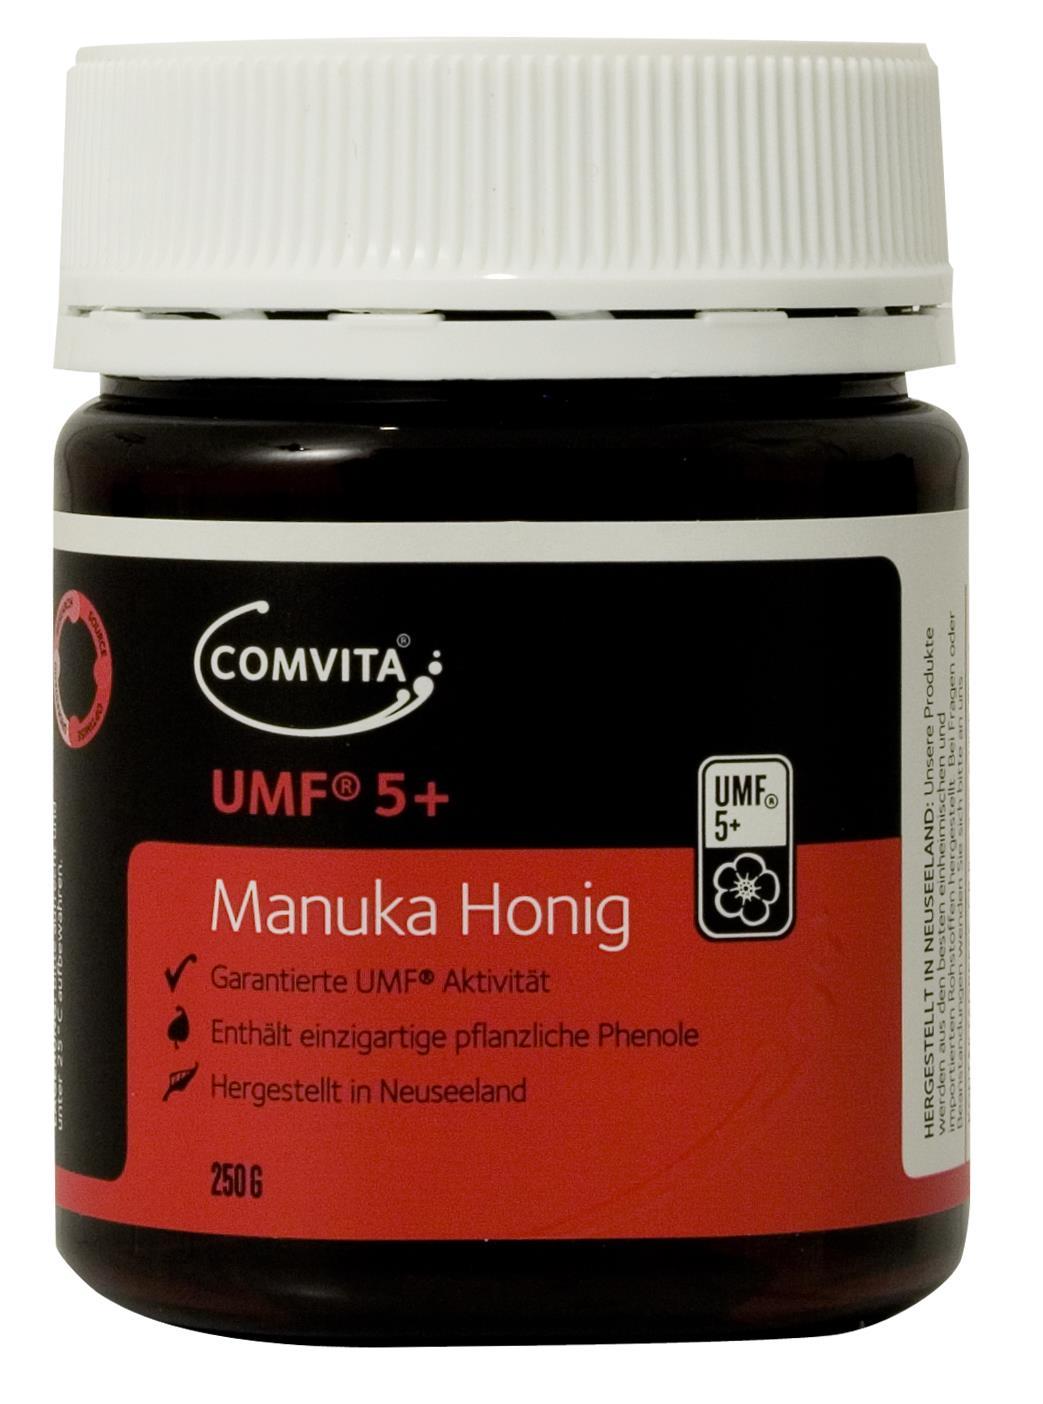 Manuka Honig UMF® 5+